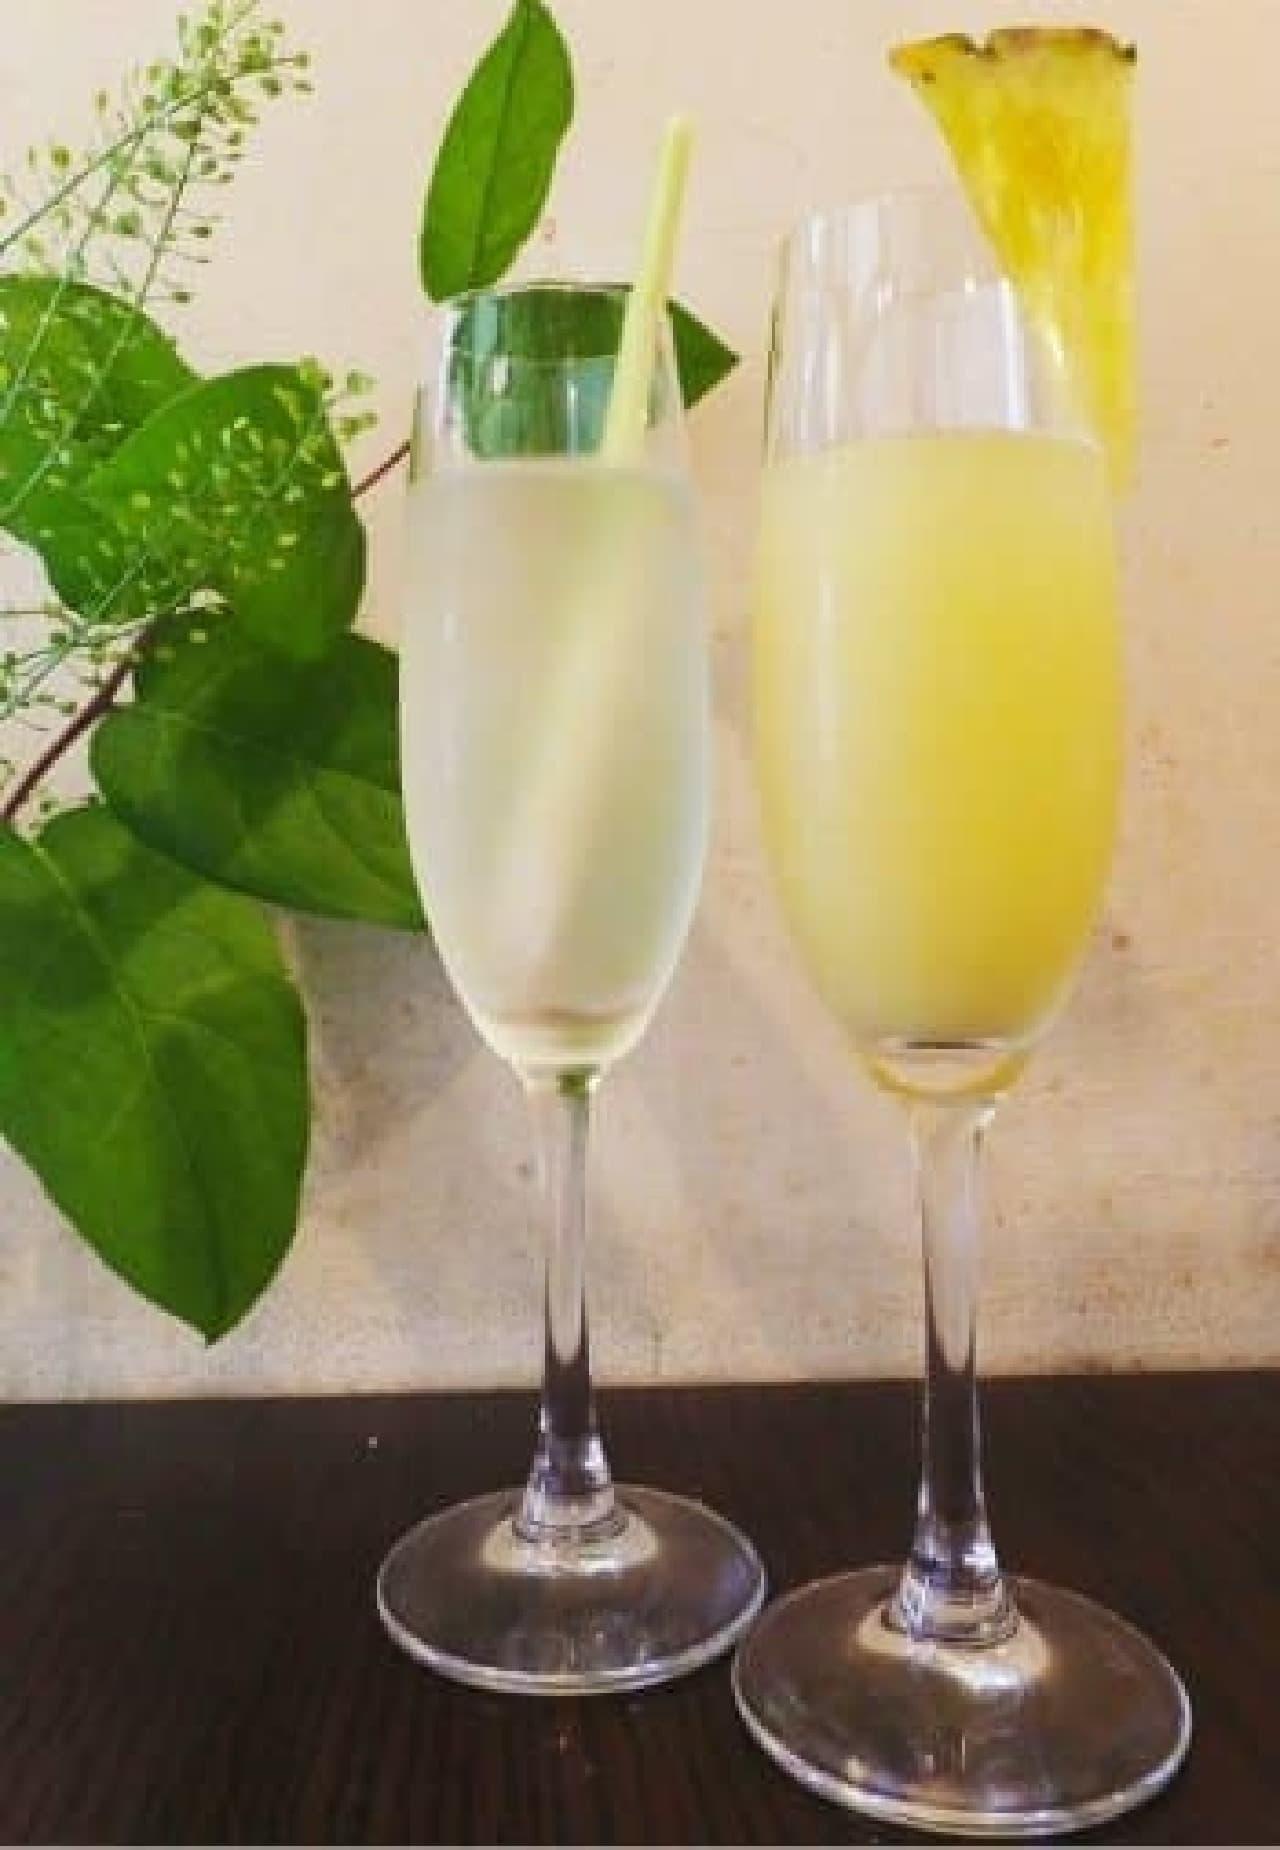 恵比寿 coci(コチ)「レモングラススパークリングカクテル」「パイナップルスパークリングカクテル」